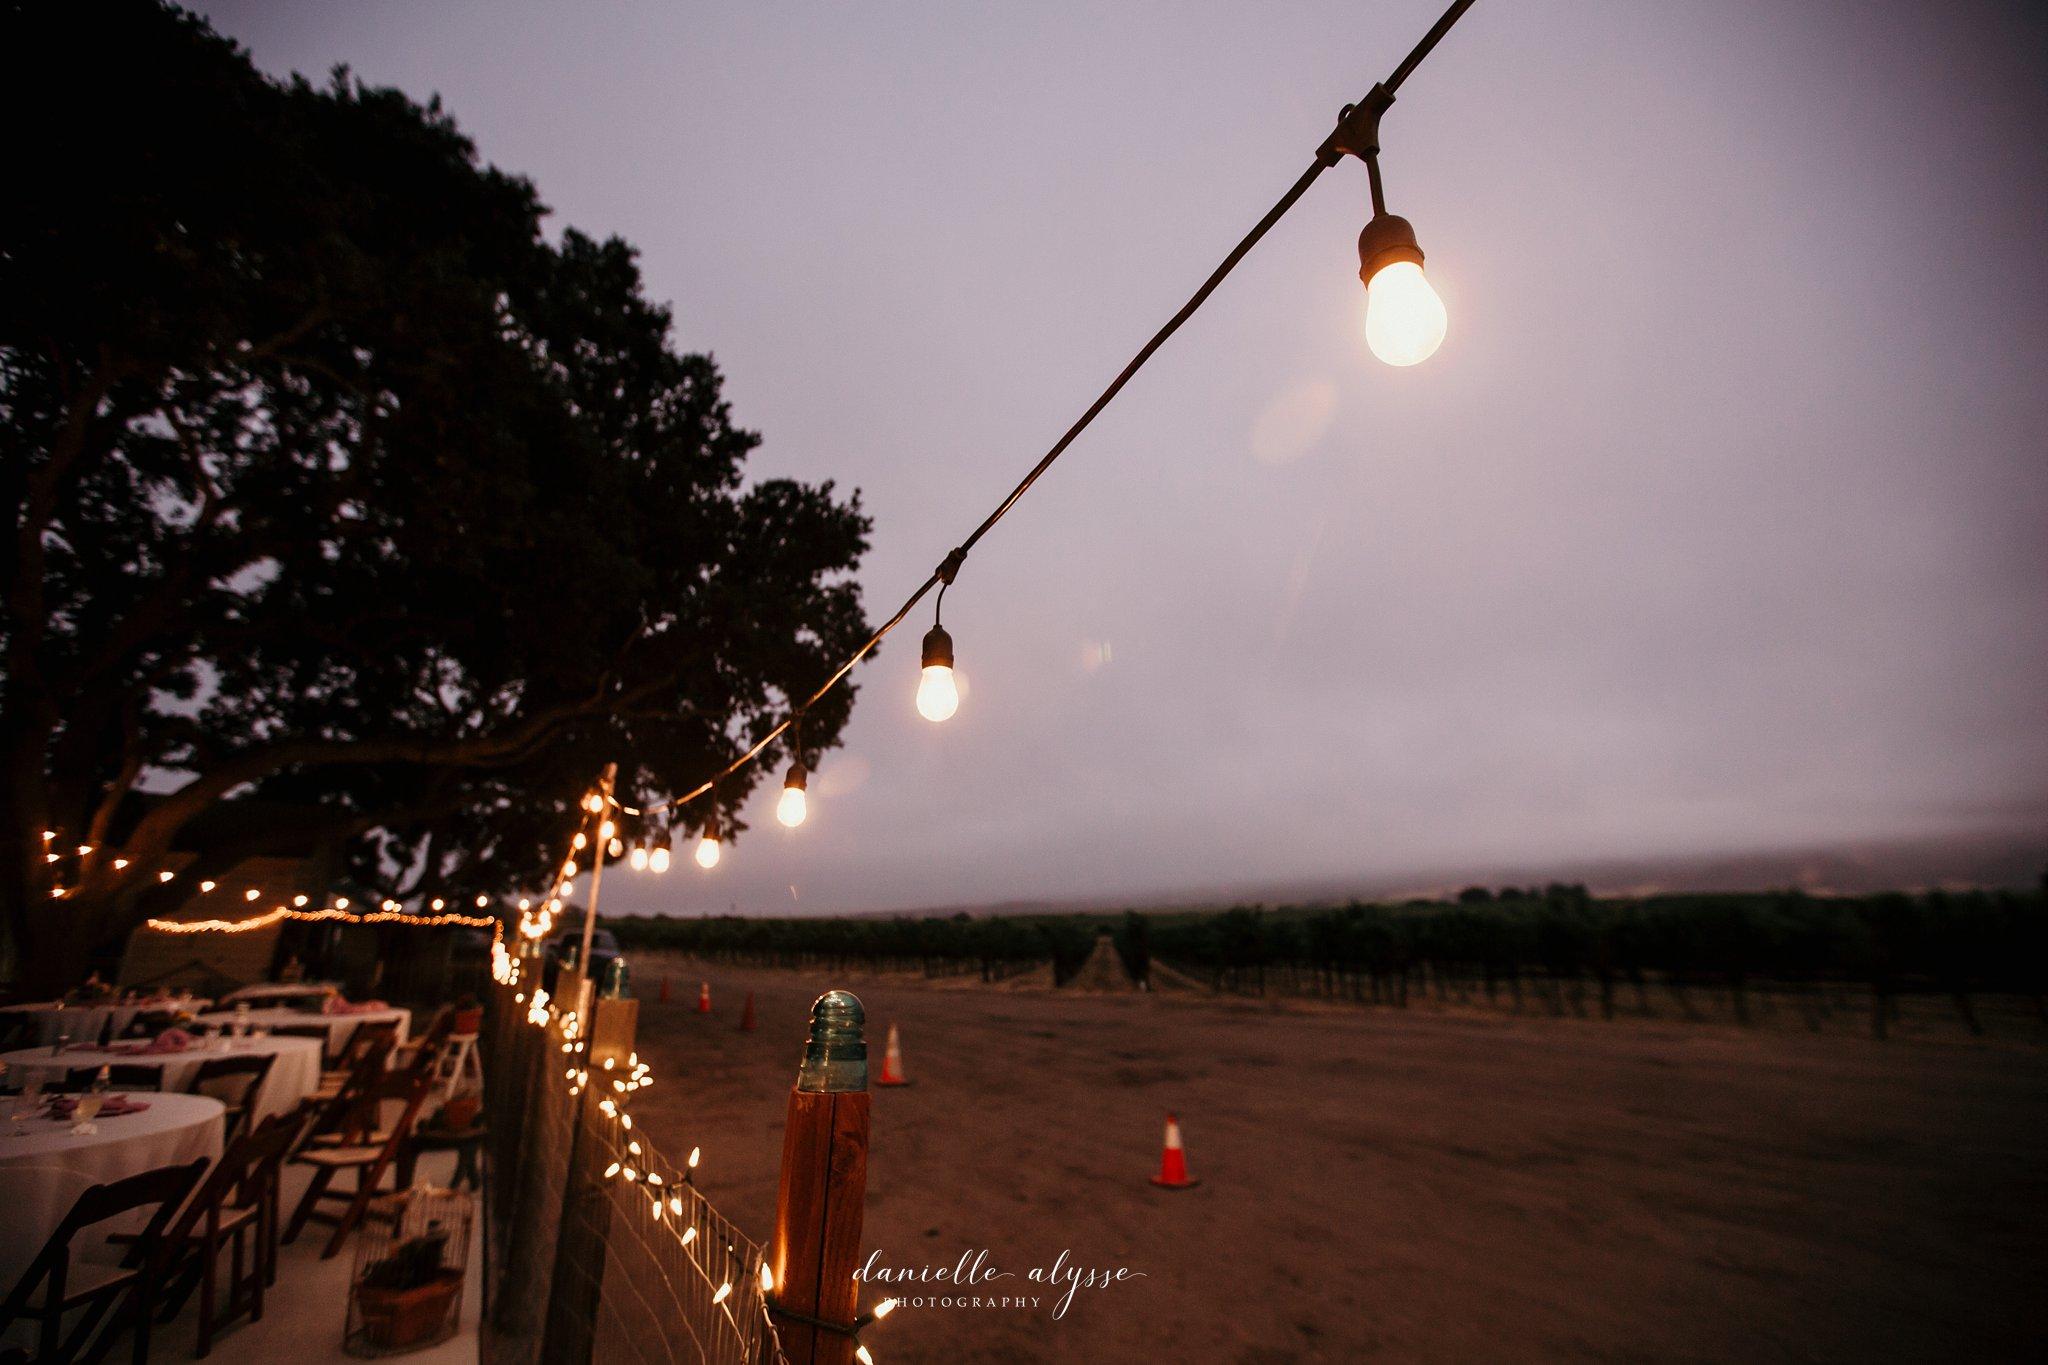 180630_wedding_lily_ryan_mission_soledad_california_danielle_alysse_photography_blog_1214_WEB.jpg